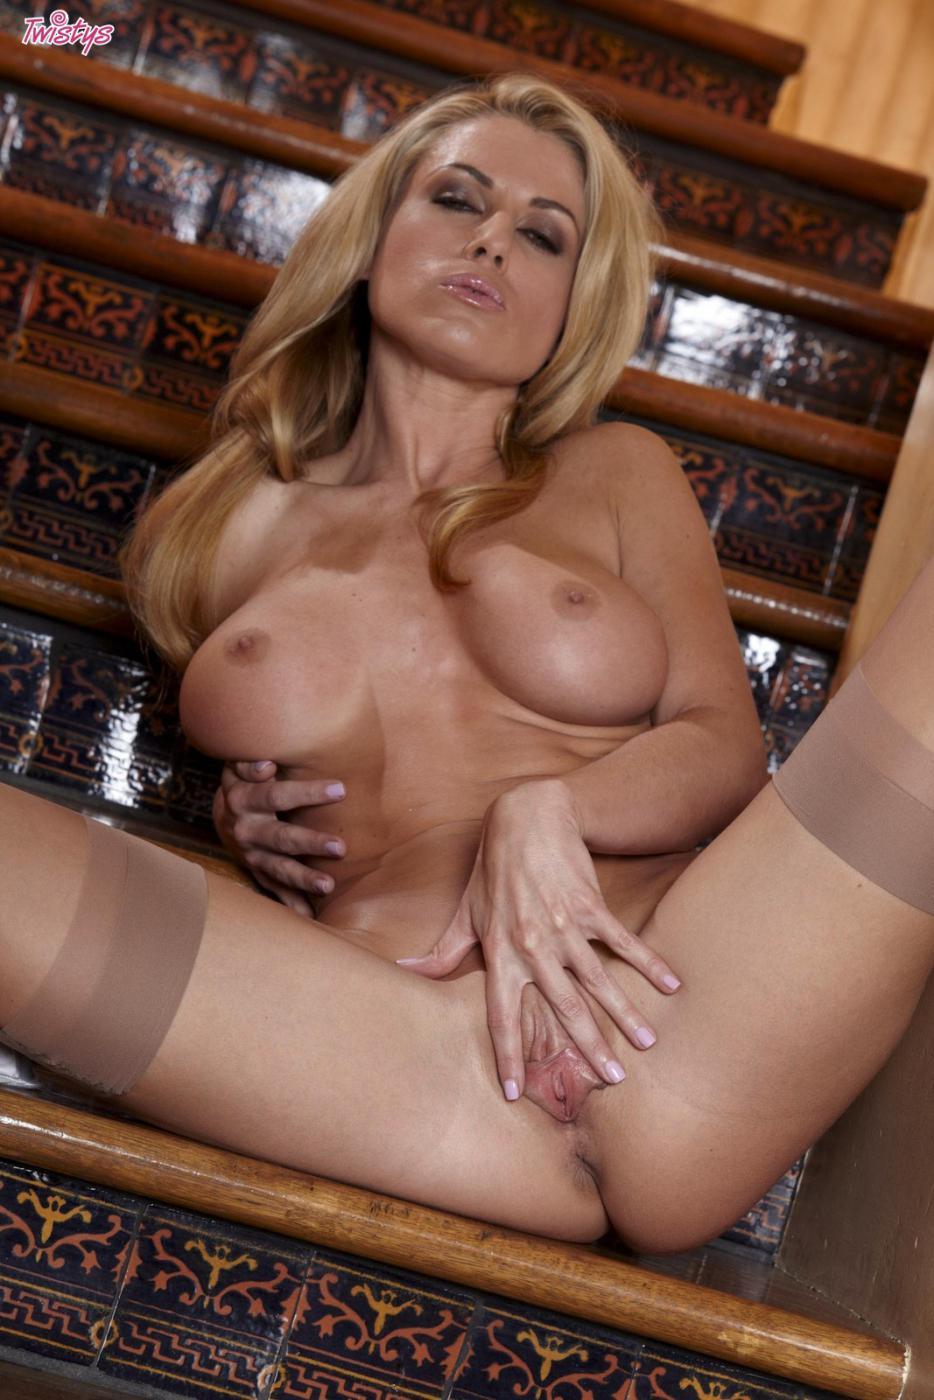 Грудастая блондинка Randy Moore в кружевном нейлоне и на высоких каблуках показала свои интимные части тела на лестнице